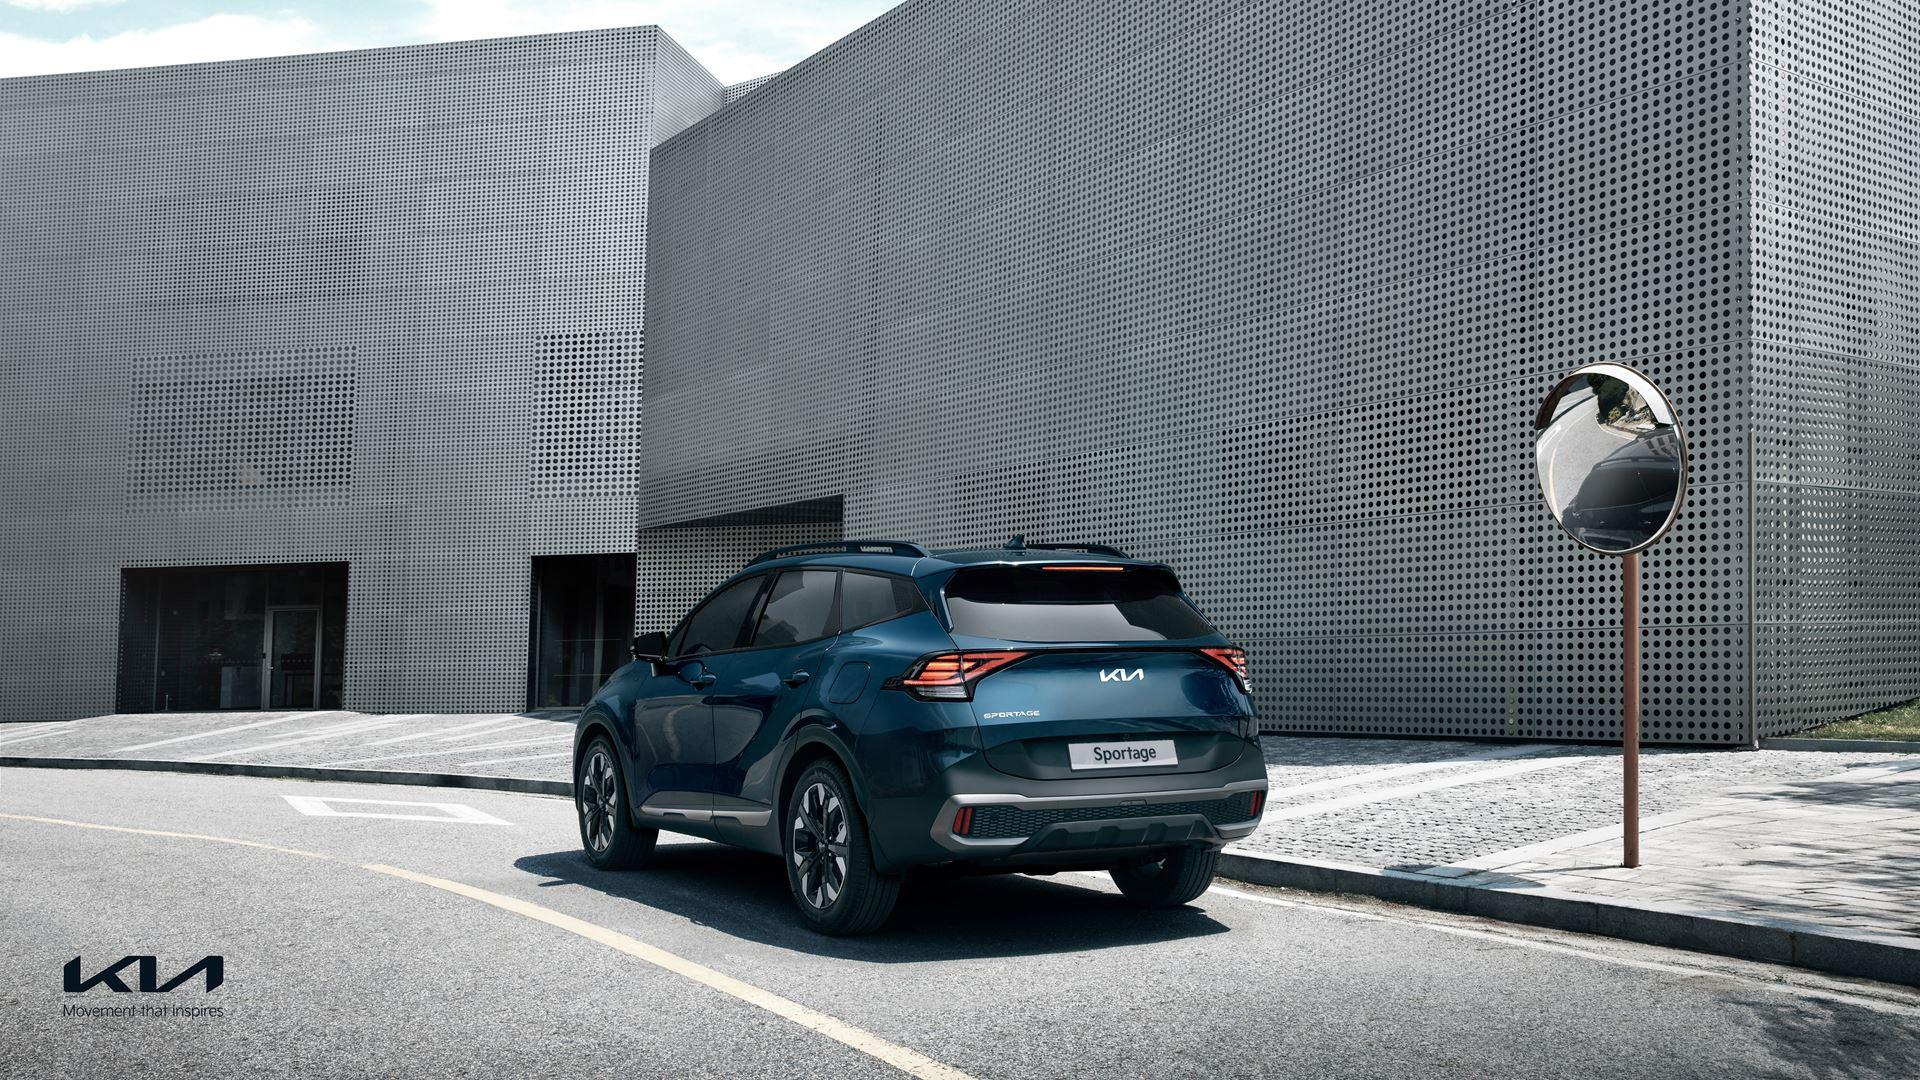 Kia presents all-new Sportage, the ultimate urban SUV - Image 6